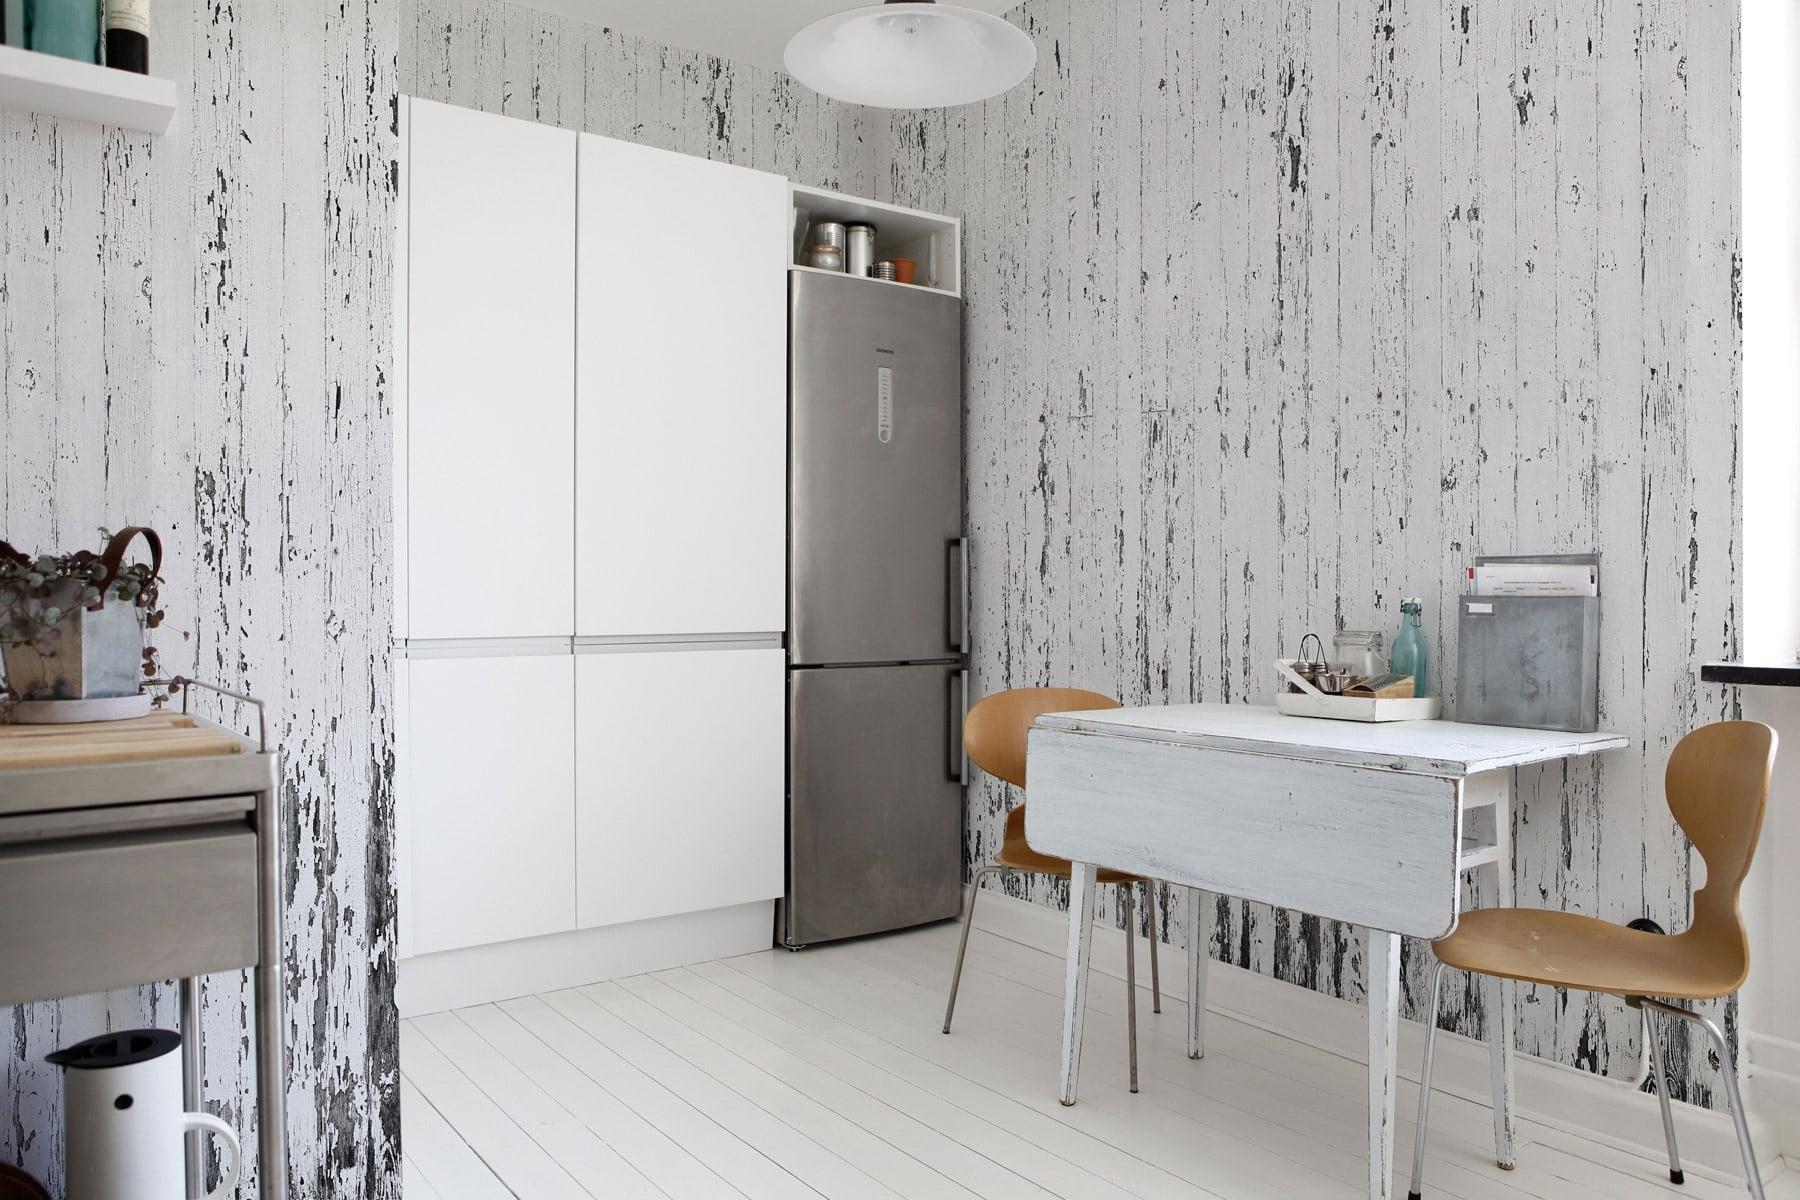 Моющиеся обои для кухни: разновидность и советы по оклейке » kuhnyagid